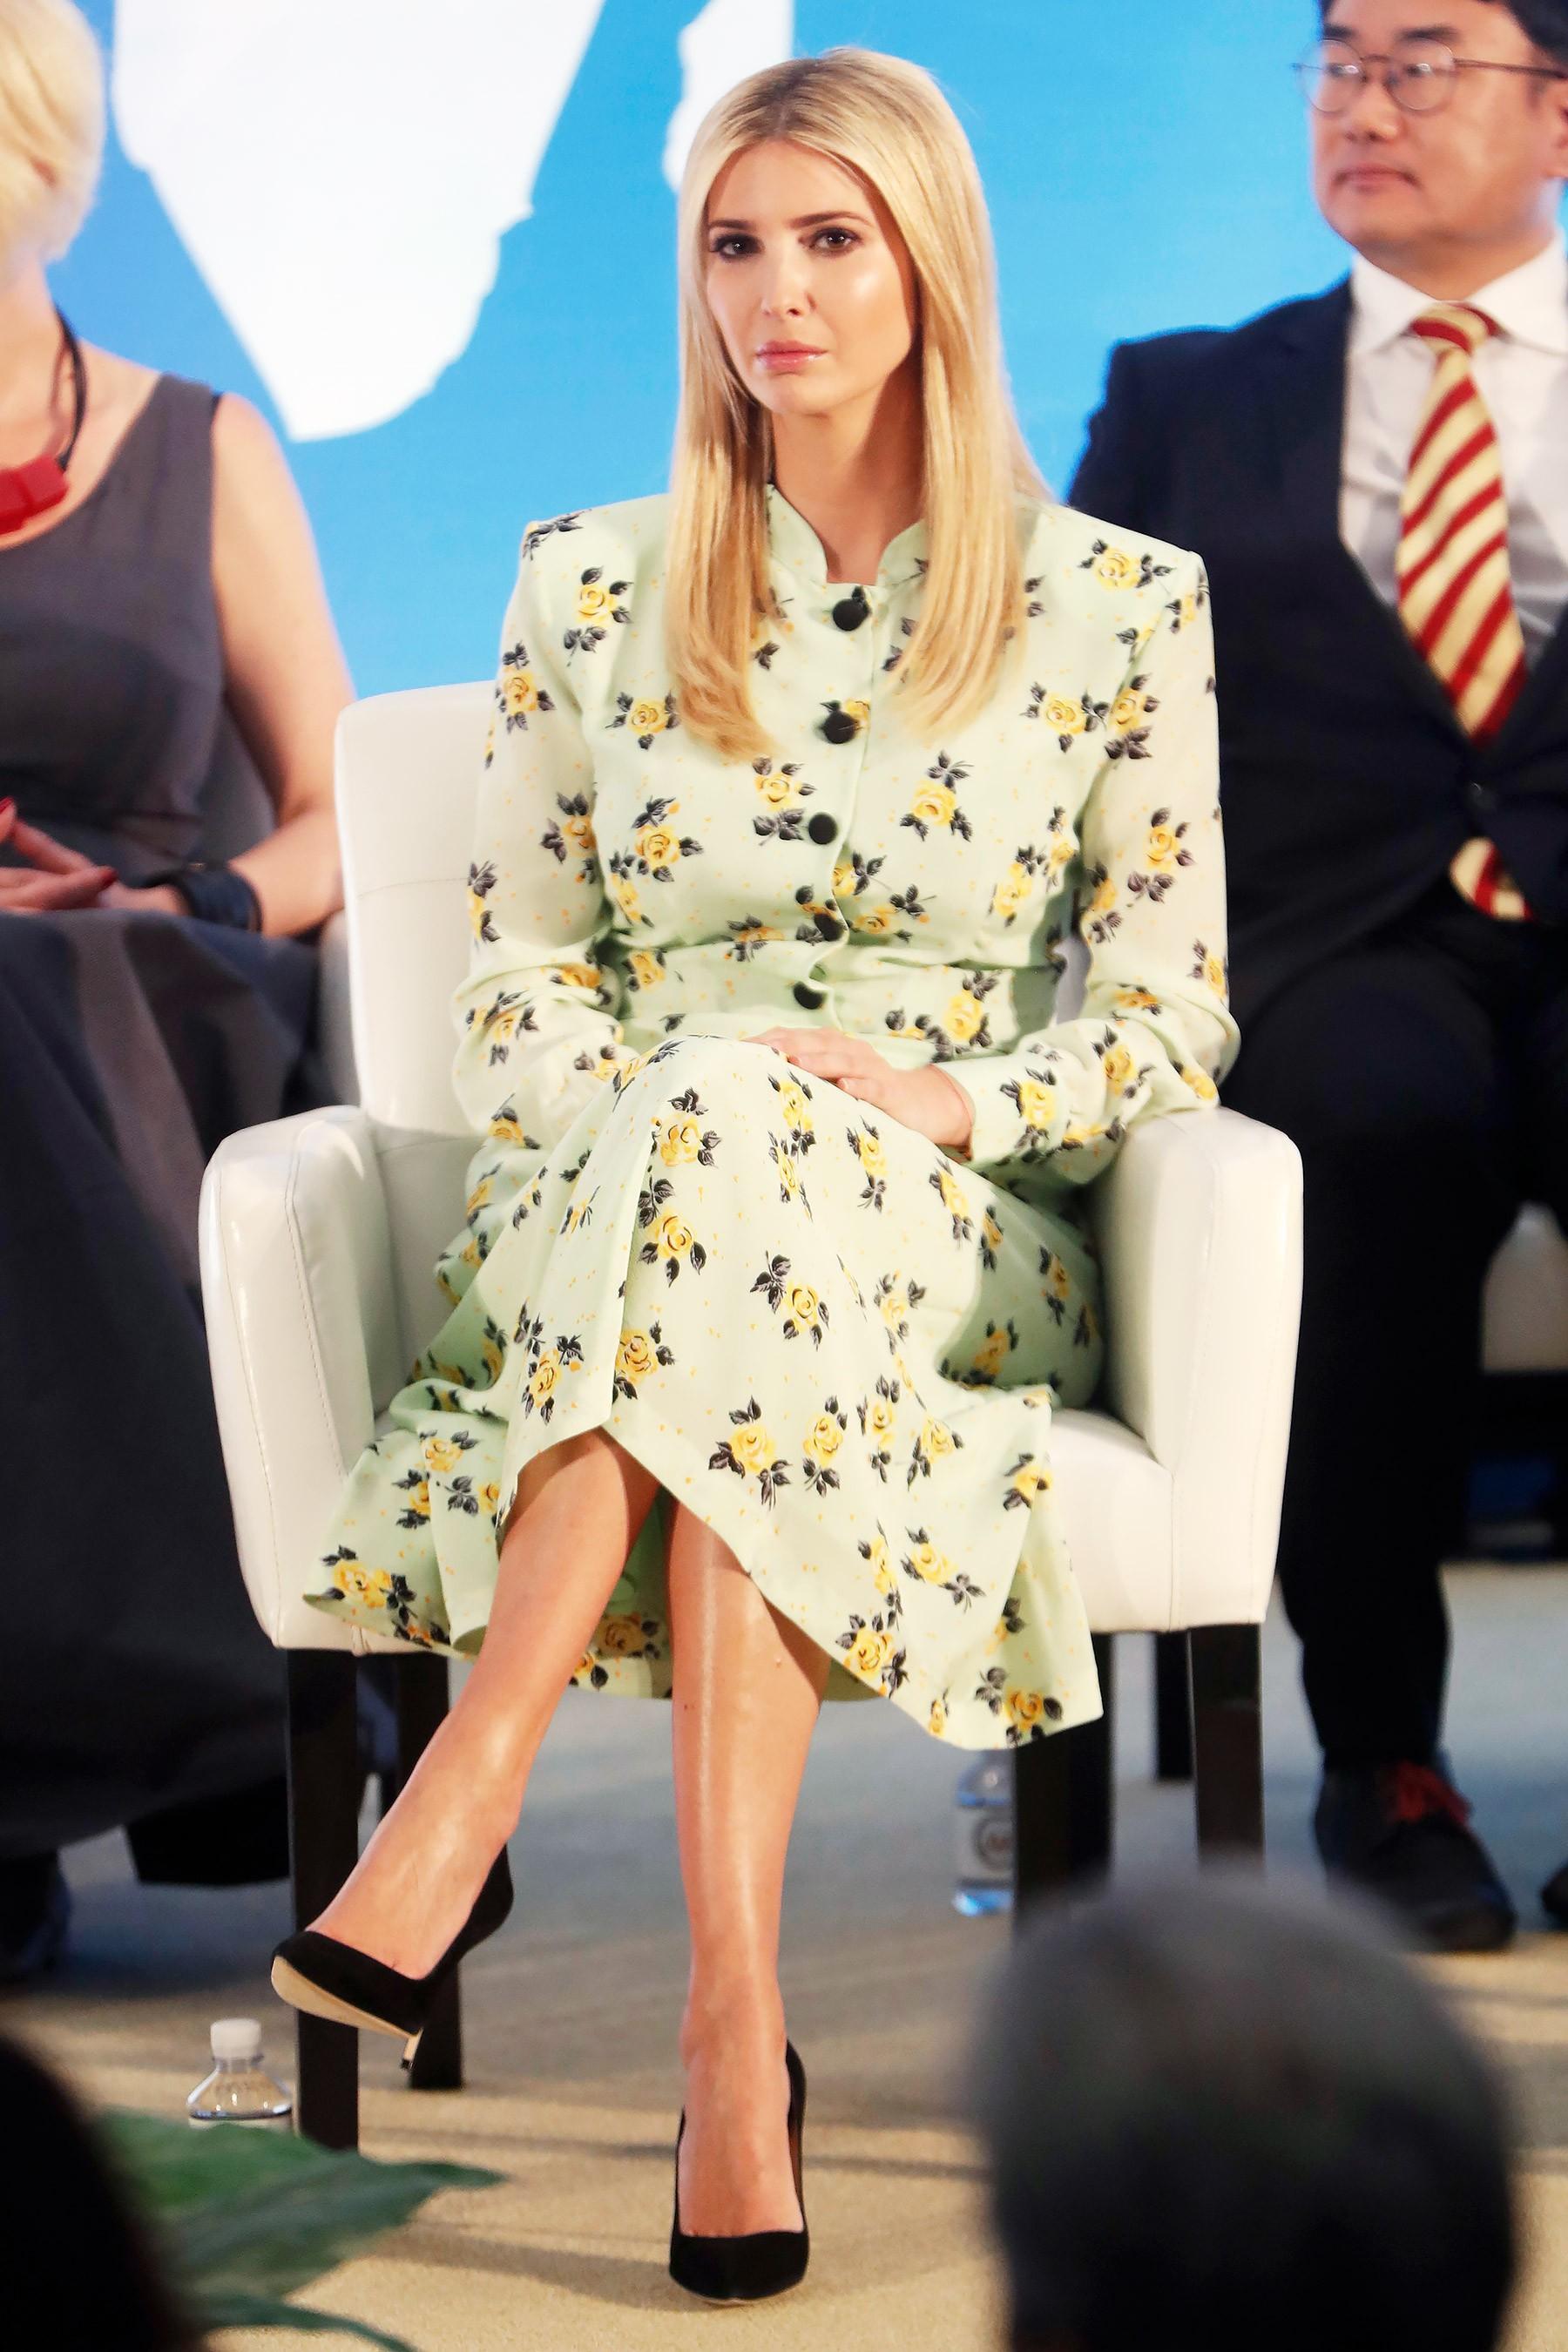 VZN News: Mặc đẹp cũng khổ: con gái Tổng thống Trump mặc lại váy cũ vẫn bị dị nghị chỉ vì mặc... quá đẹp - Ảnh 6.